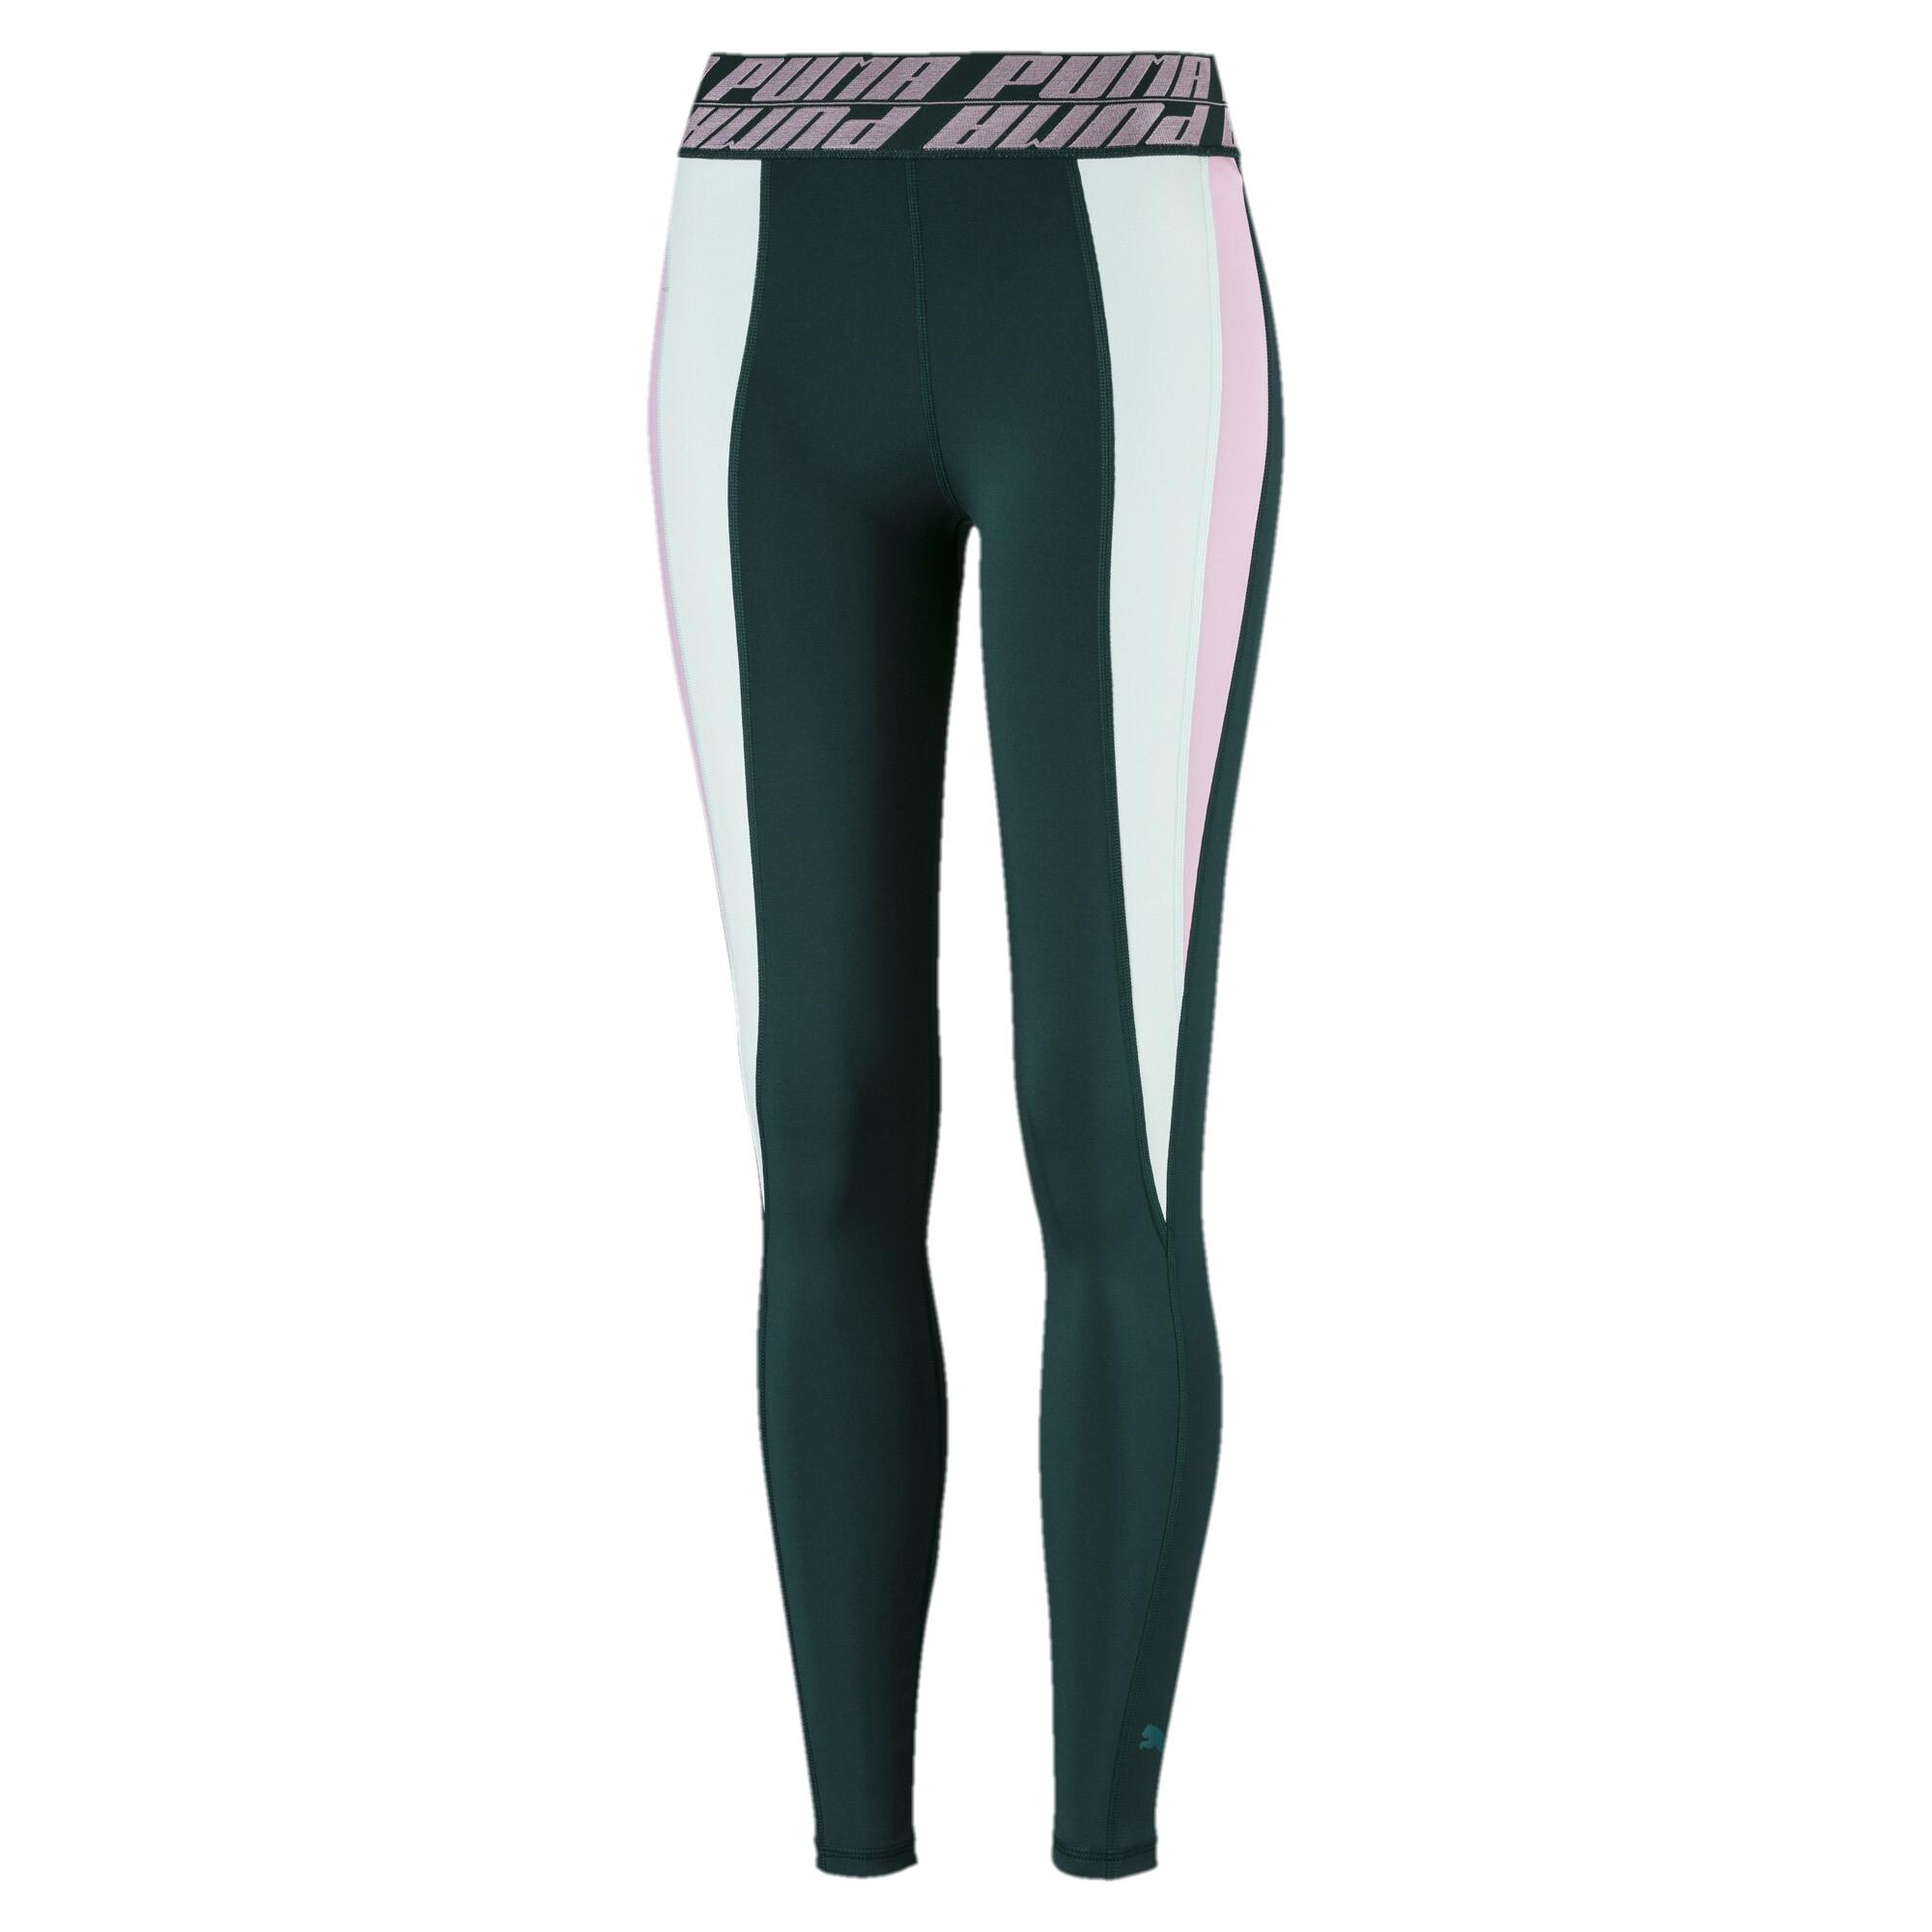 c44ba0567 Pants & Tights - Clothing - Womens